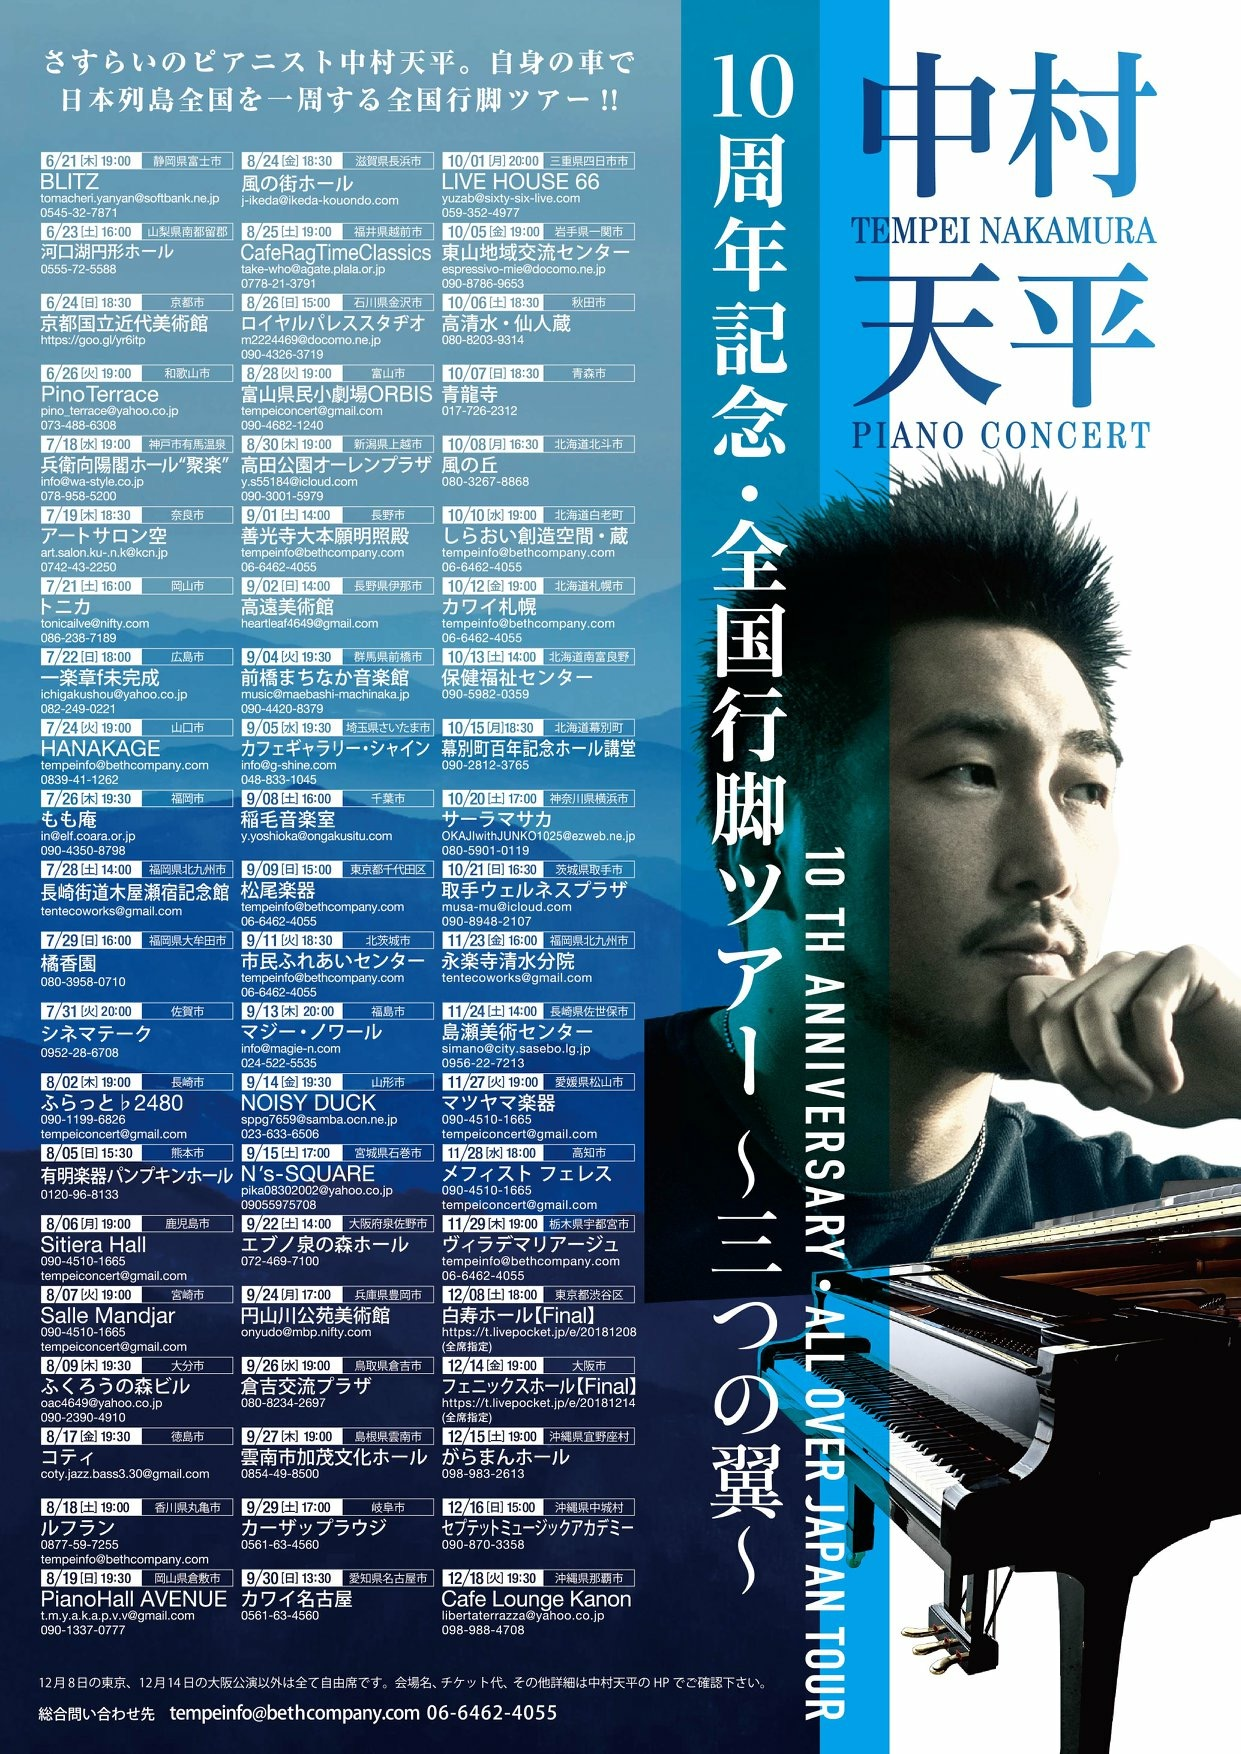 【北九州】中村天平10周年記念 全国行脚ピアノコンサートツアー